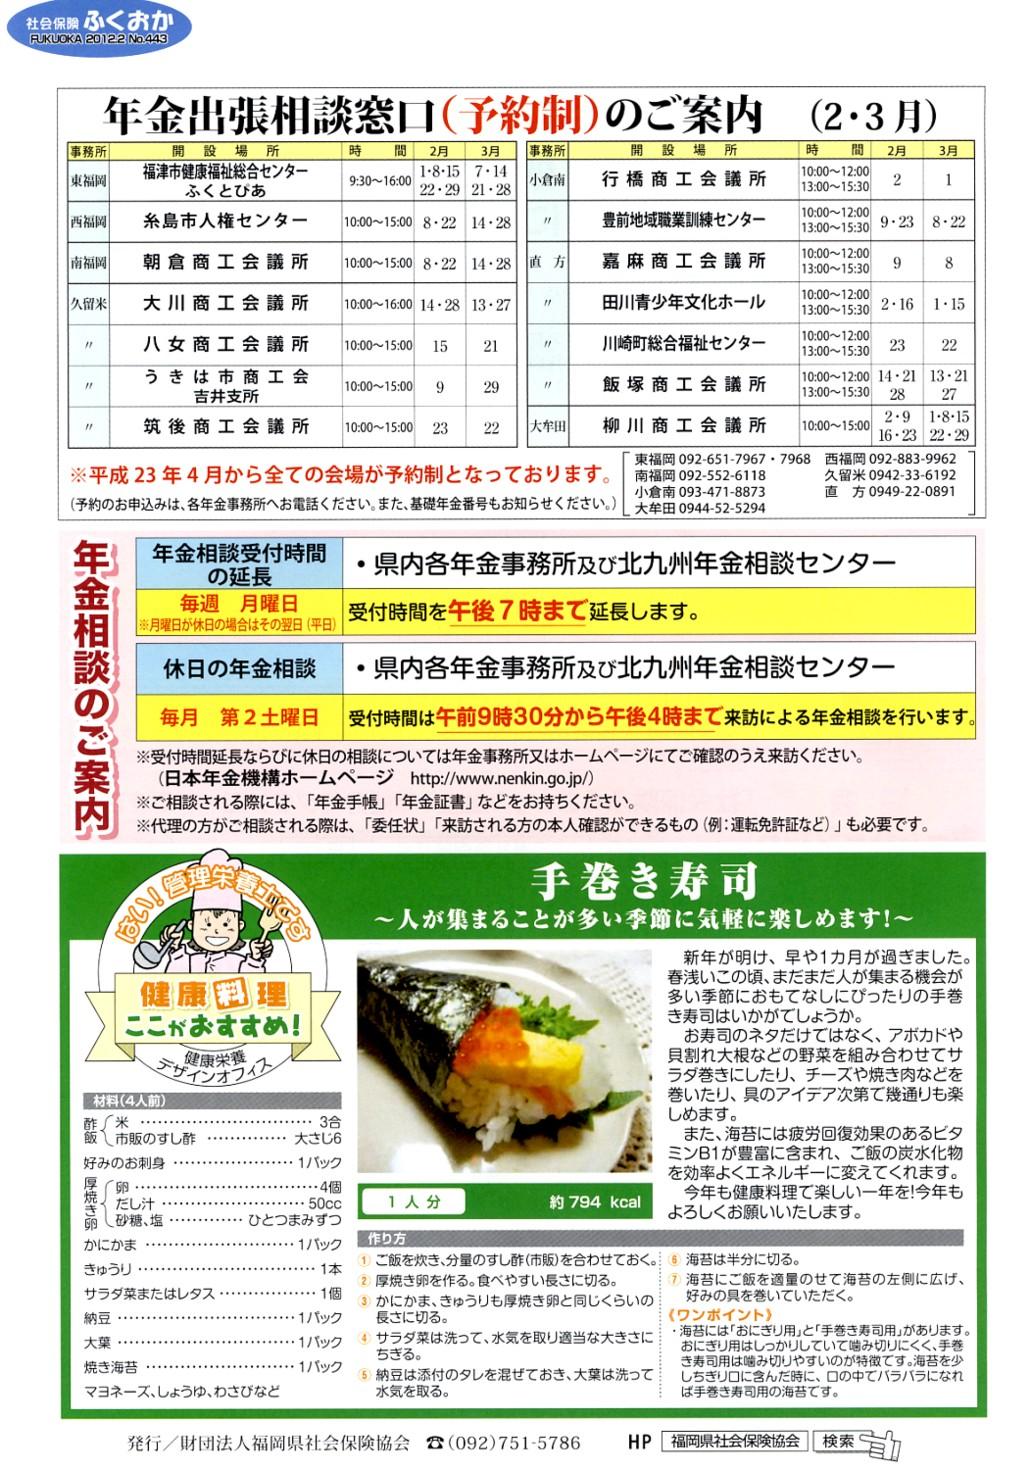 社会保険「ふくおか」 2012 2月号_f0120774_11114858.jpg